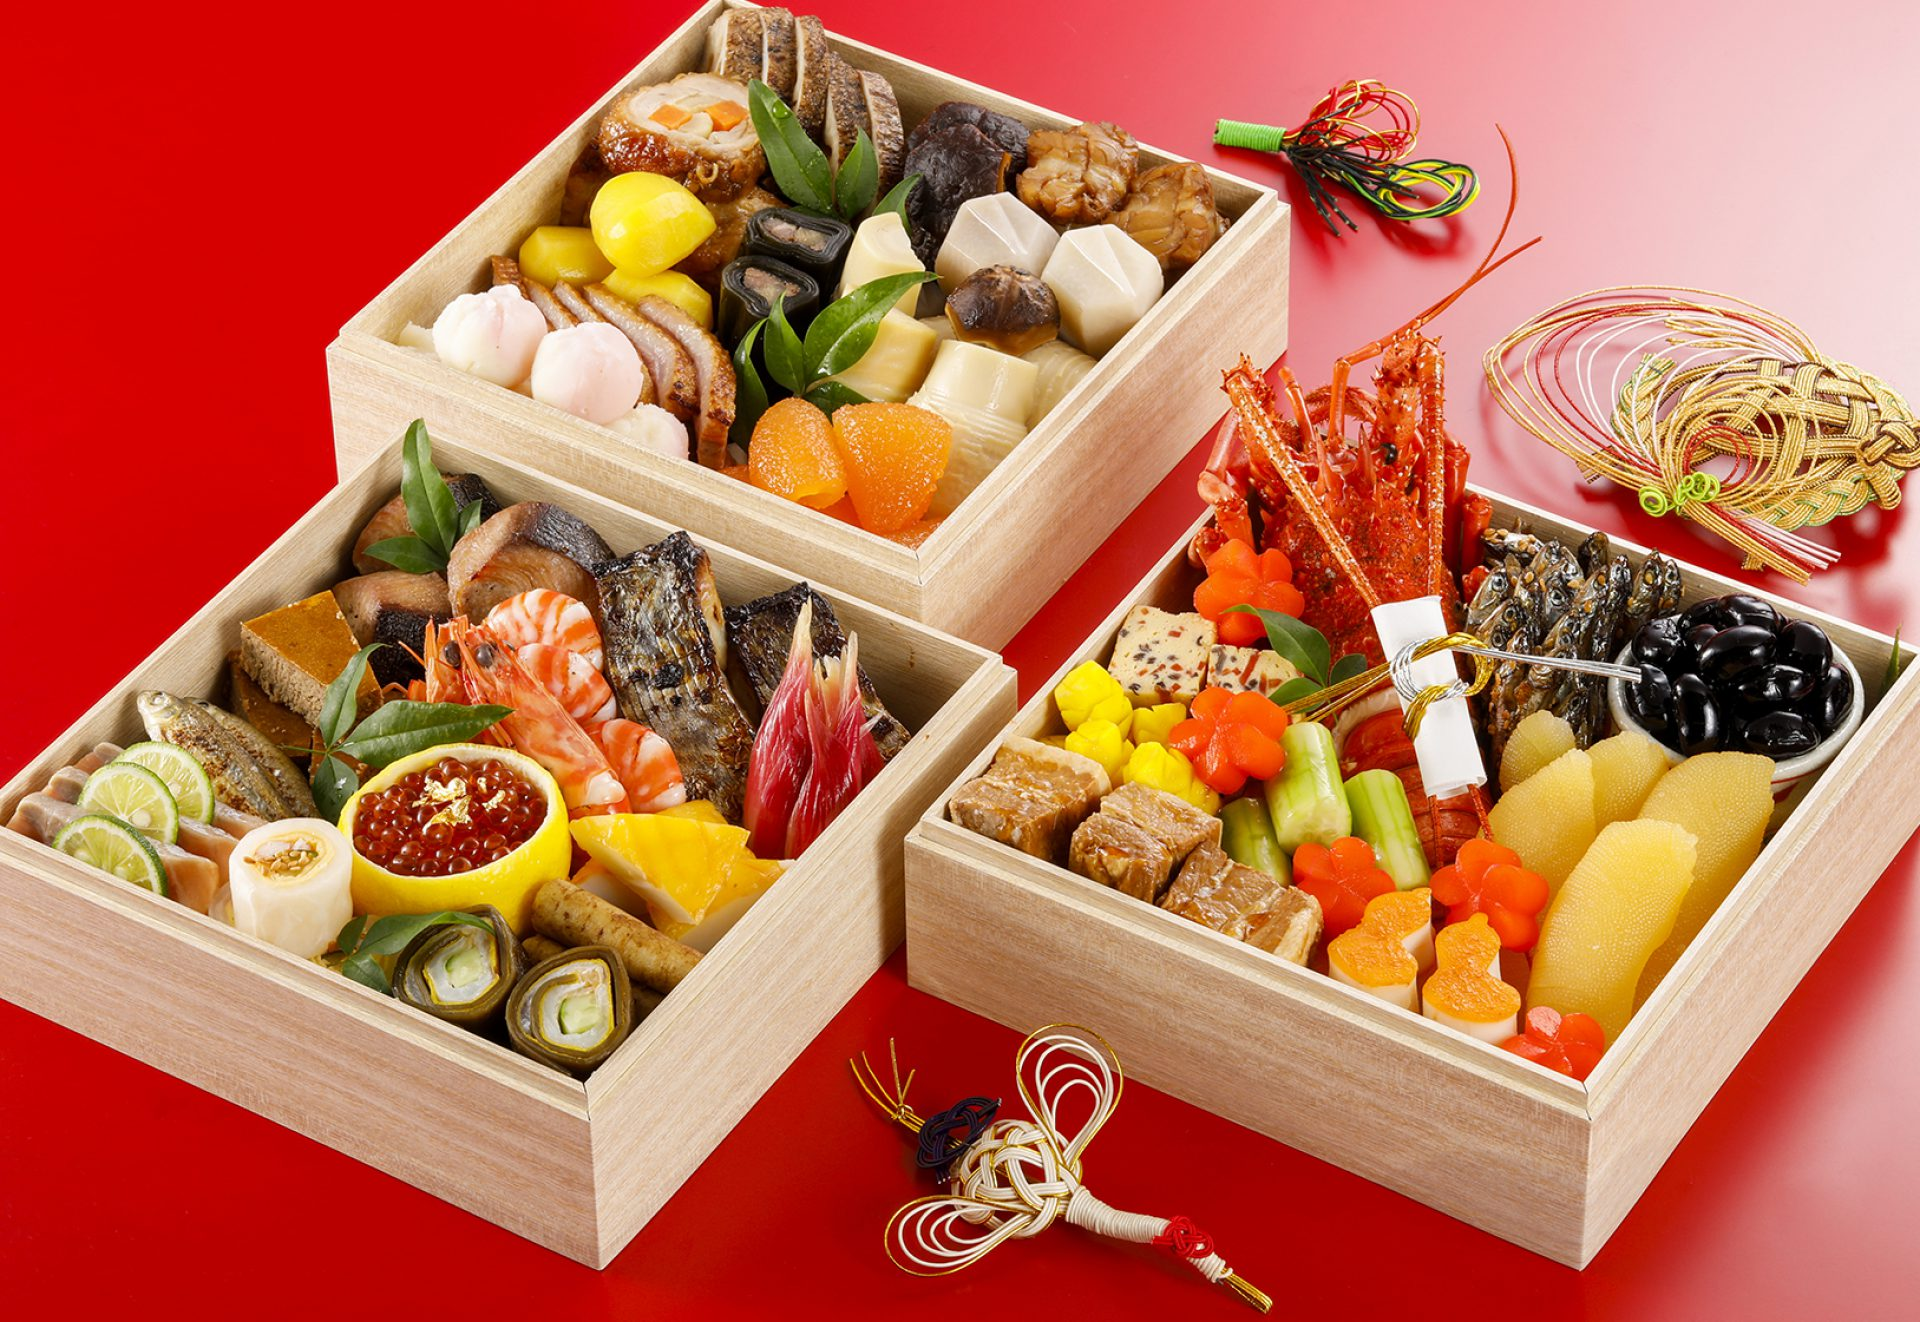 【公式】日本料理 一ゑん (いちえん)| 福知山 | 和食 |